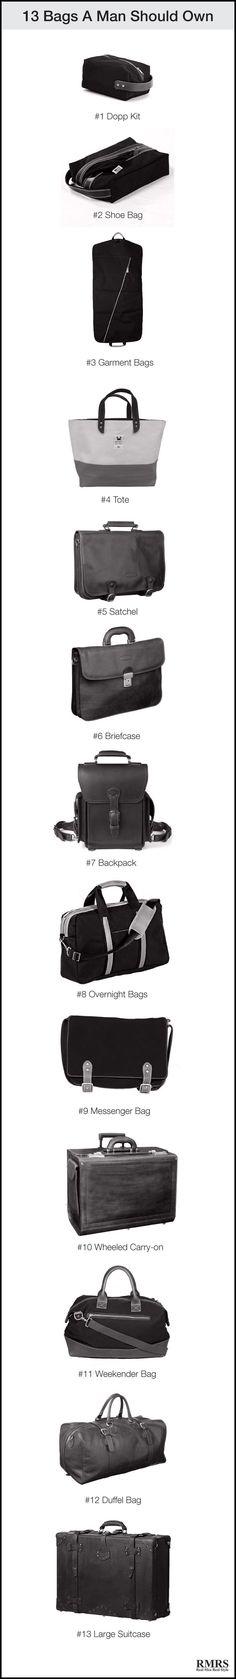 13 Bags A Man Should Buy